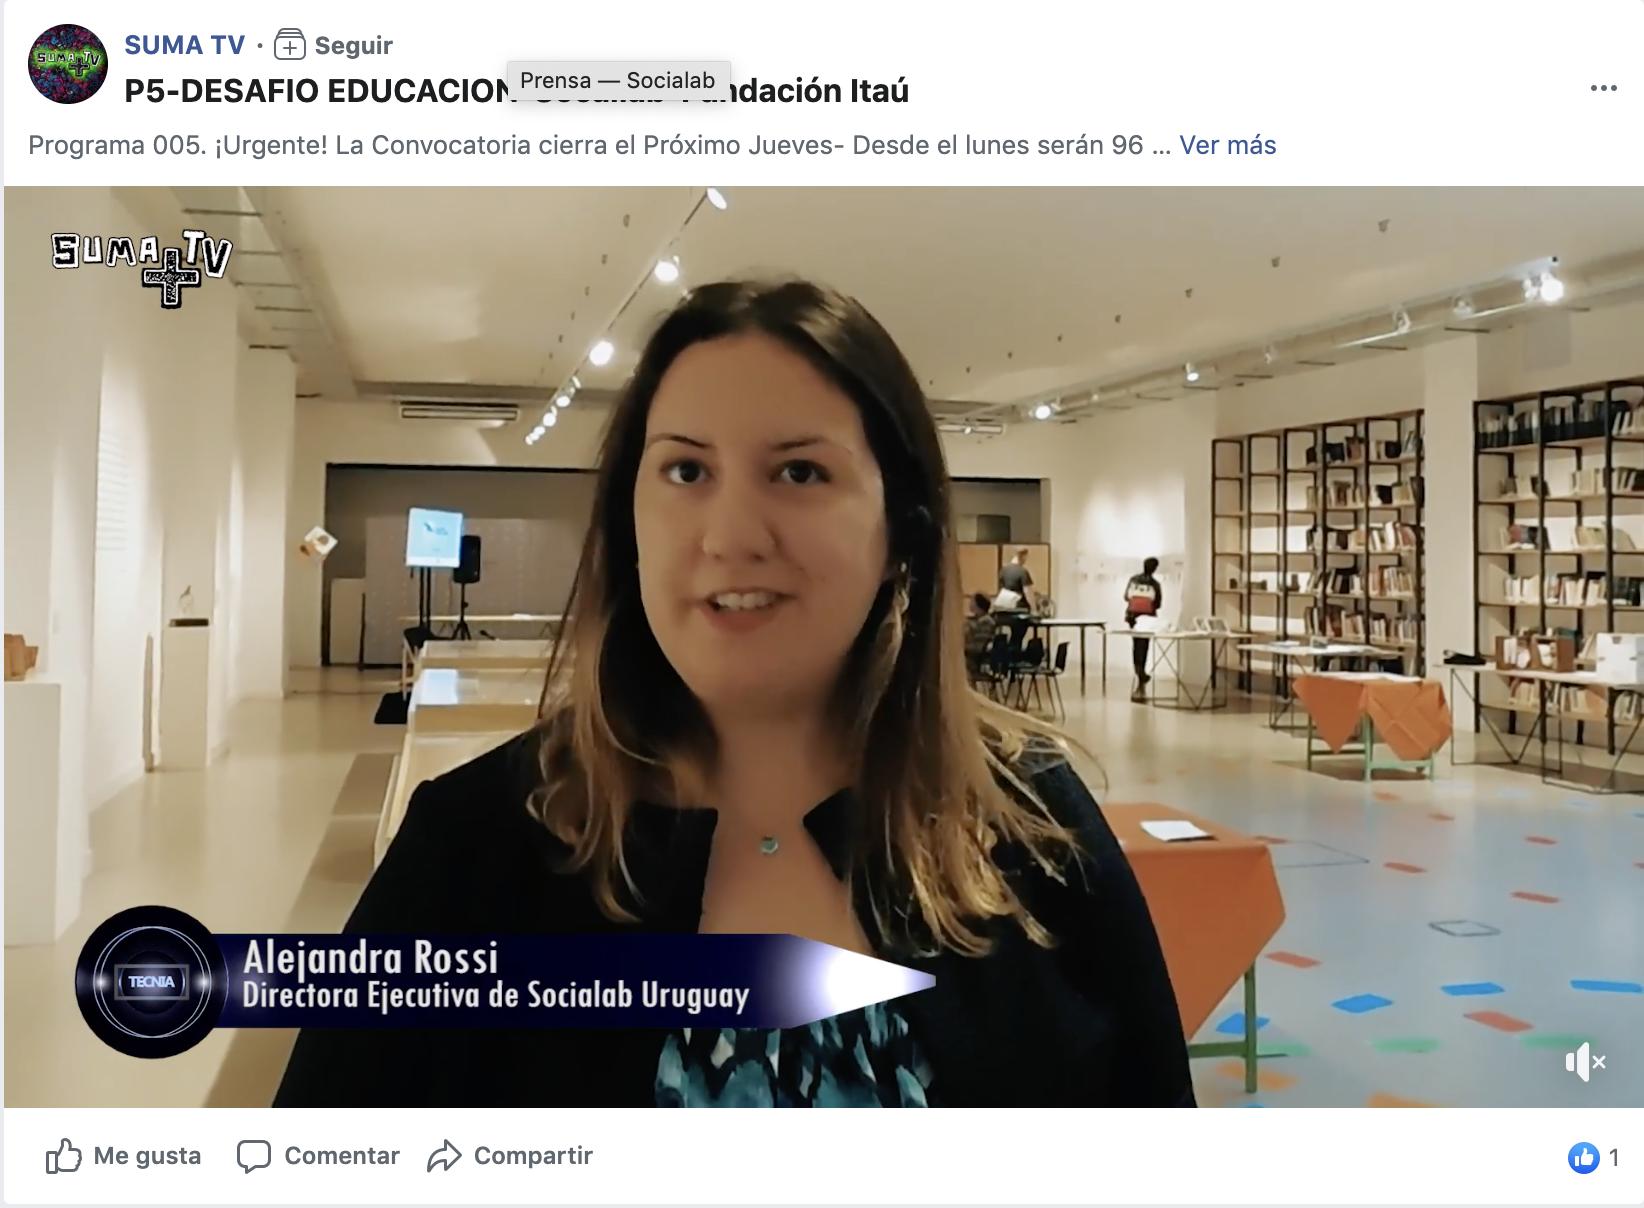 DESAFIO EDUCACIÓN-Socialab-Fundación Itaú -